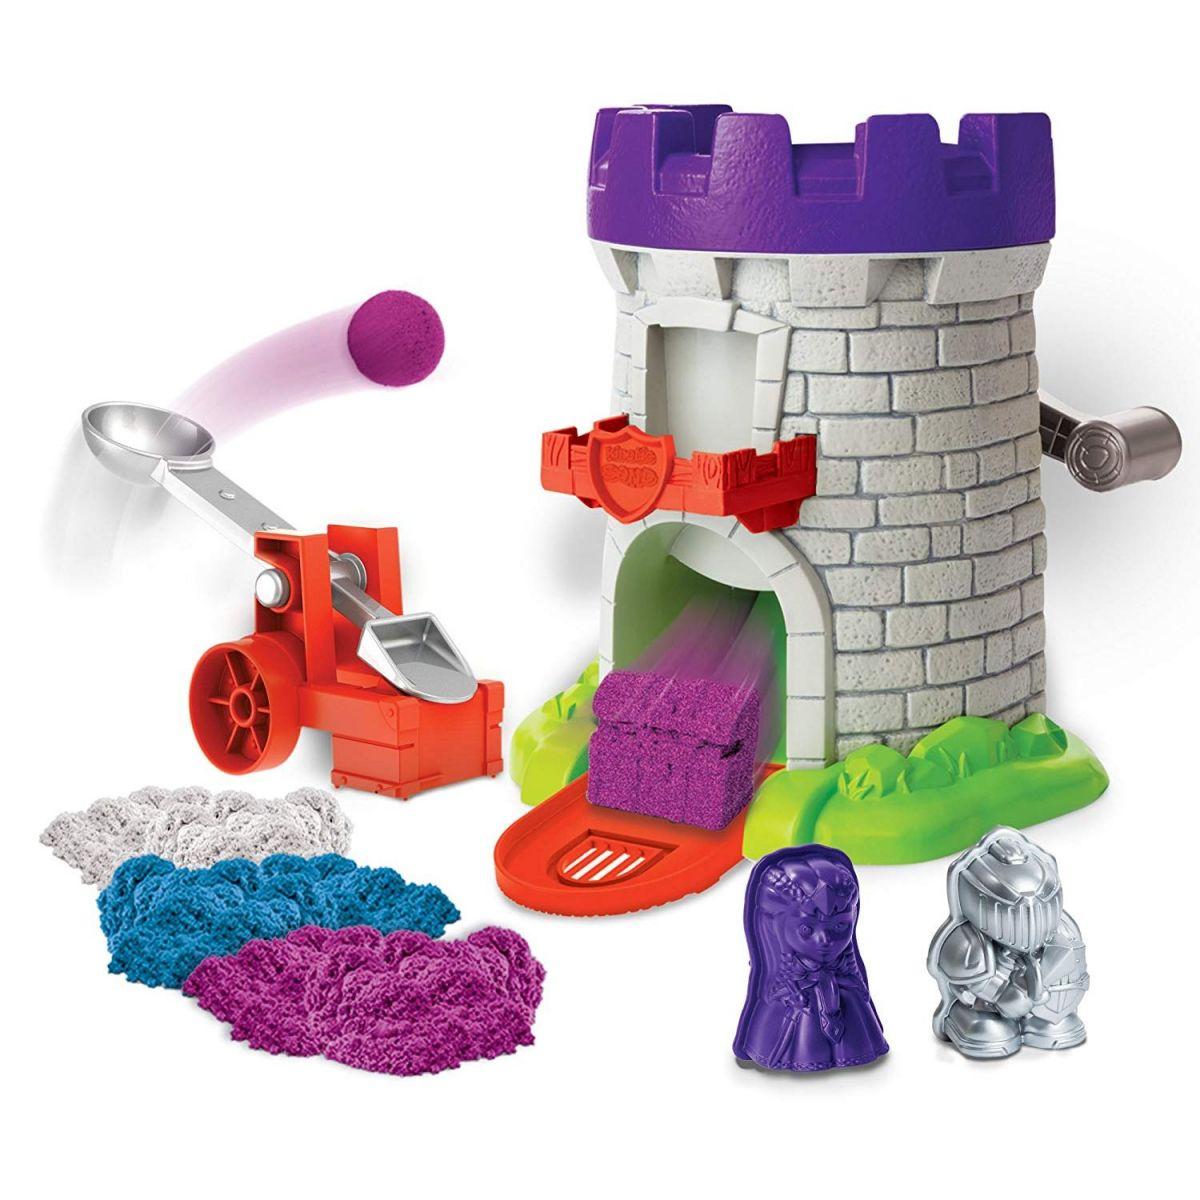 Kinetic Sand středověká věž s doplňky #2